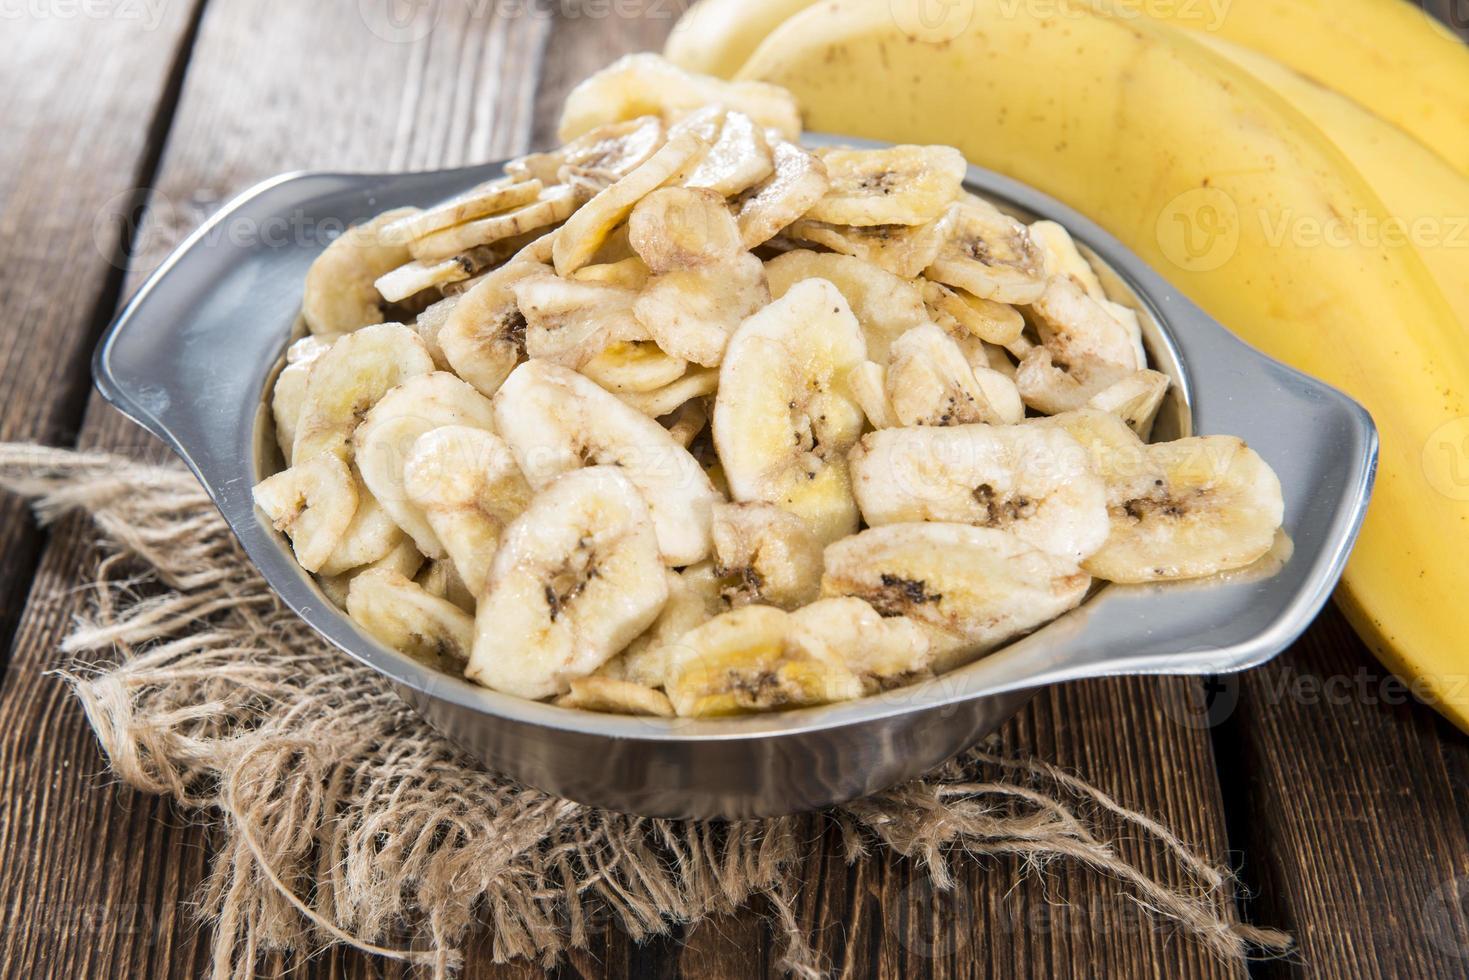 tigela com lascas de banana foto